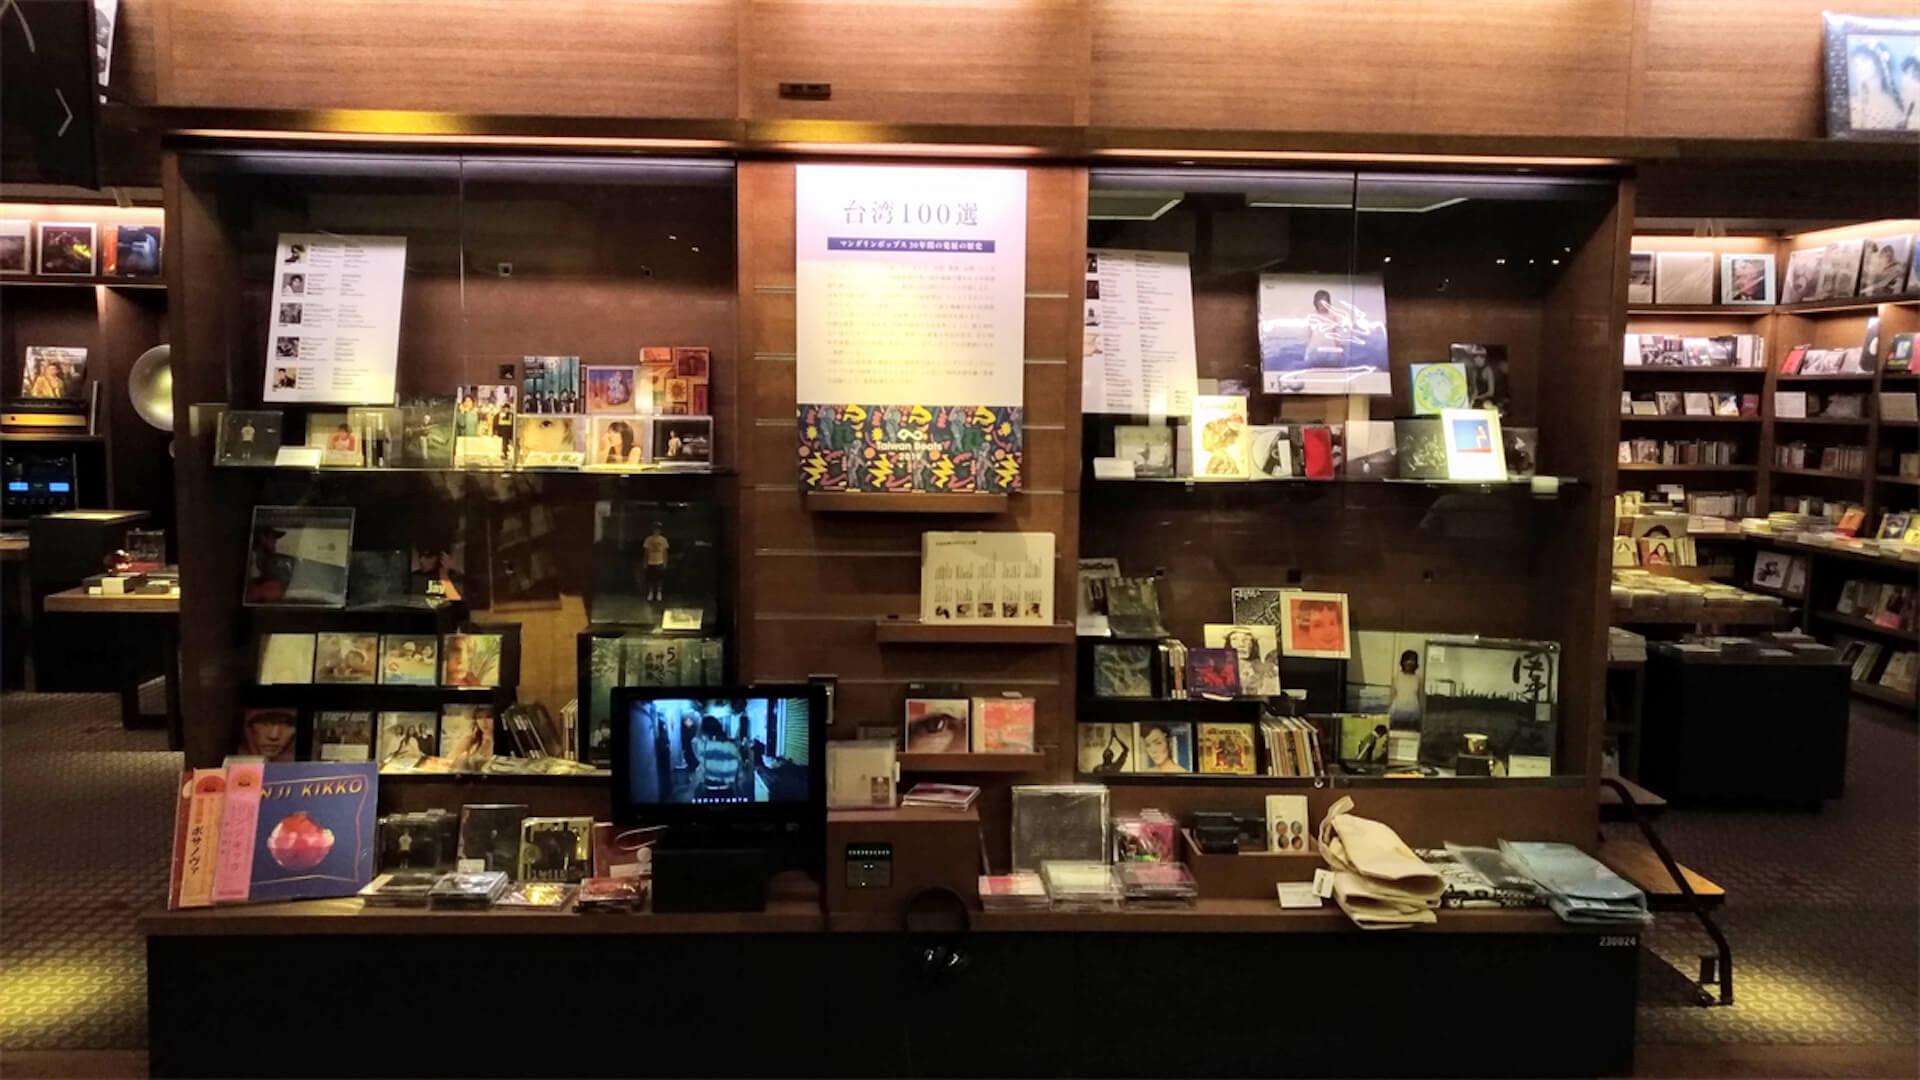 集合知で顧客体験をモダナイズするー台湾インディーズ音楽カオスマップ制作秘話 column210125_taiwan-04